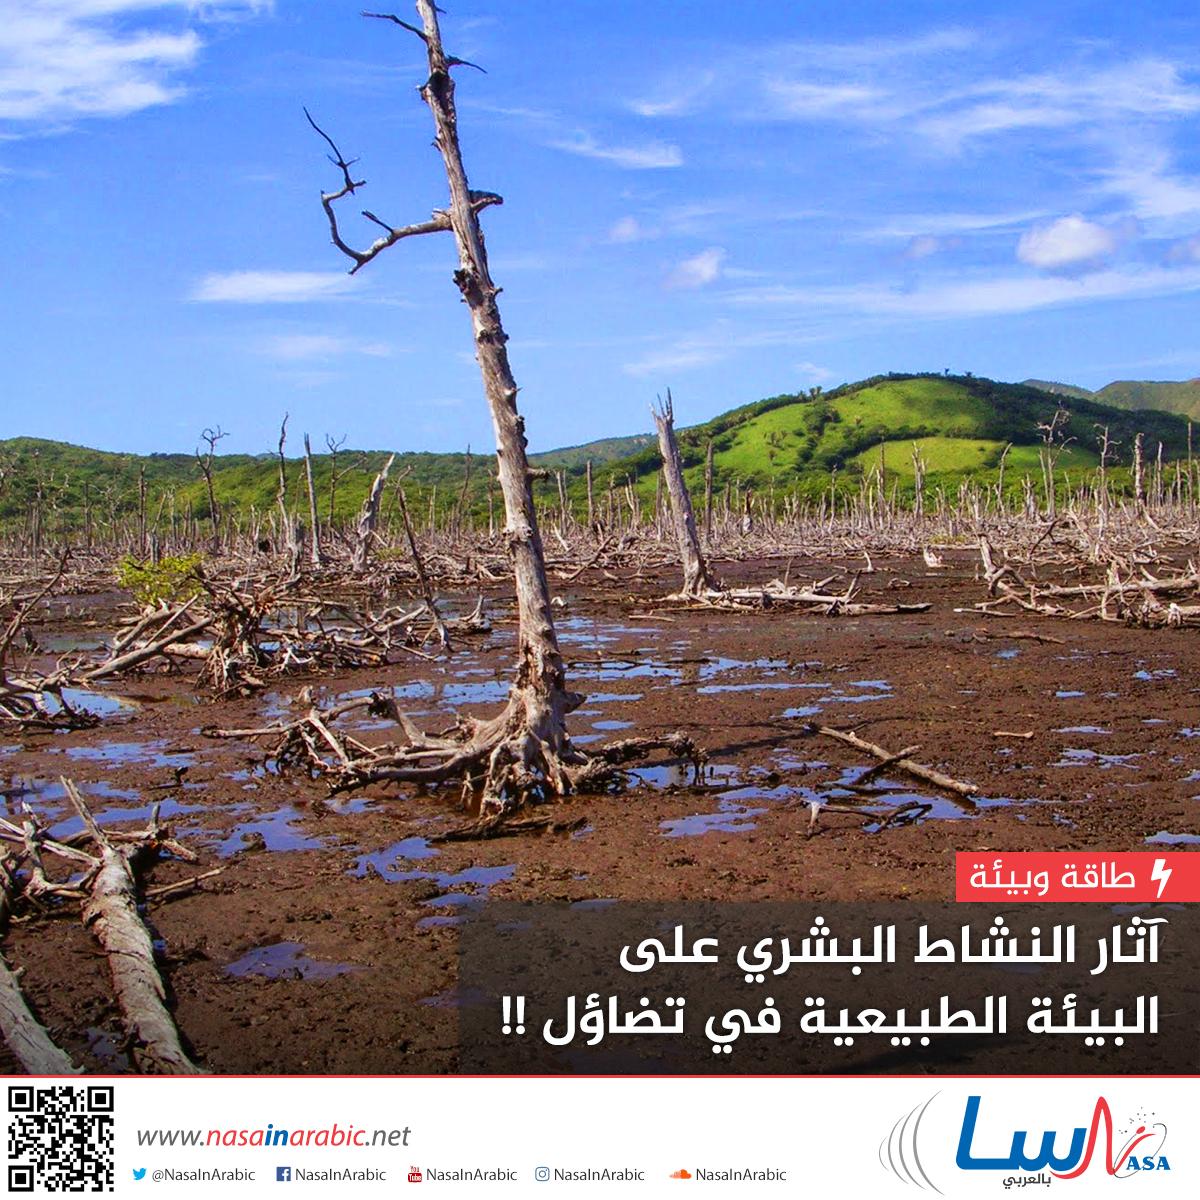 آثار النشاط البشري على البيئة الطبيعية في تضاؤل !!